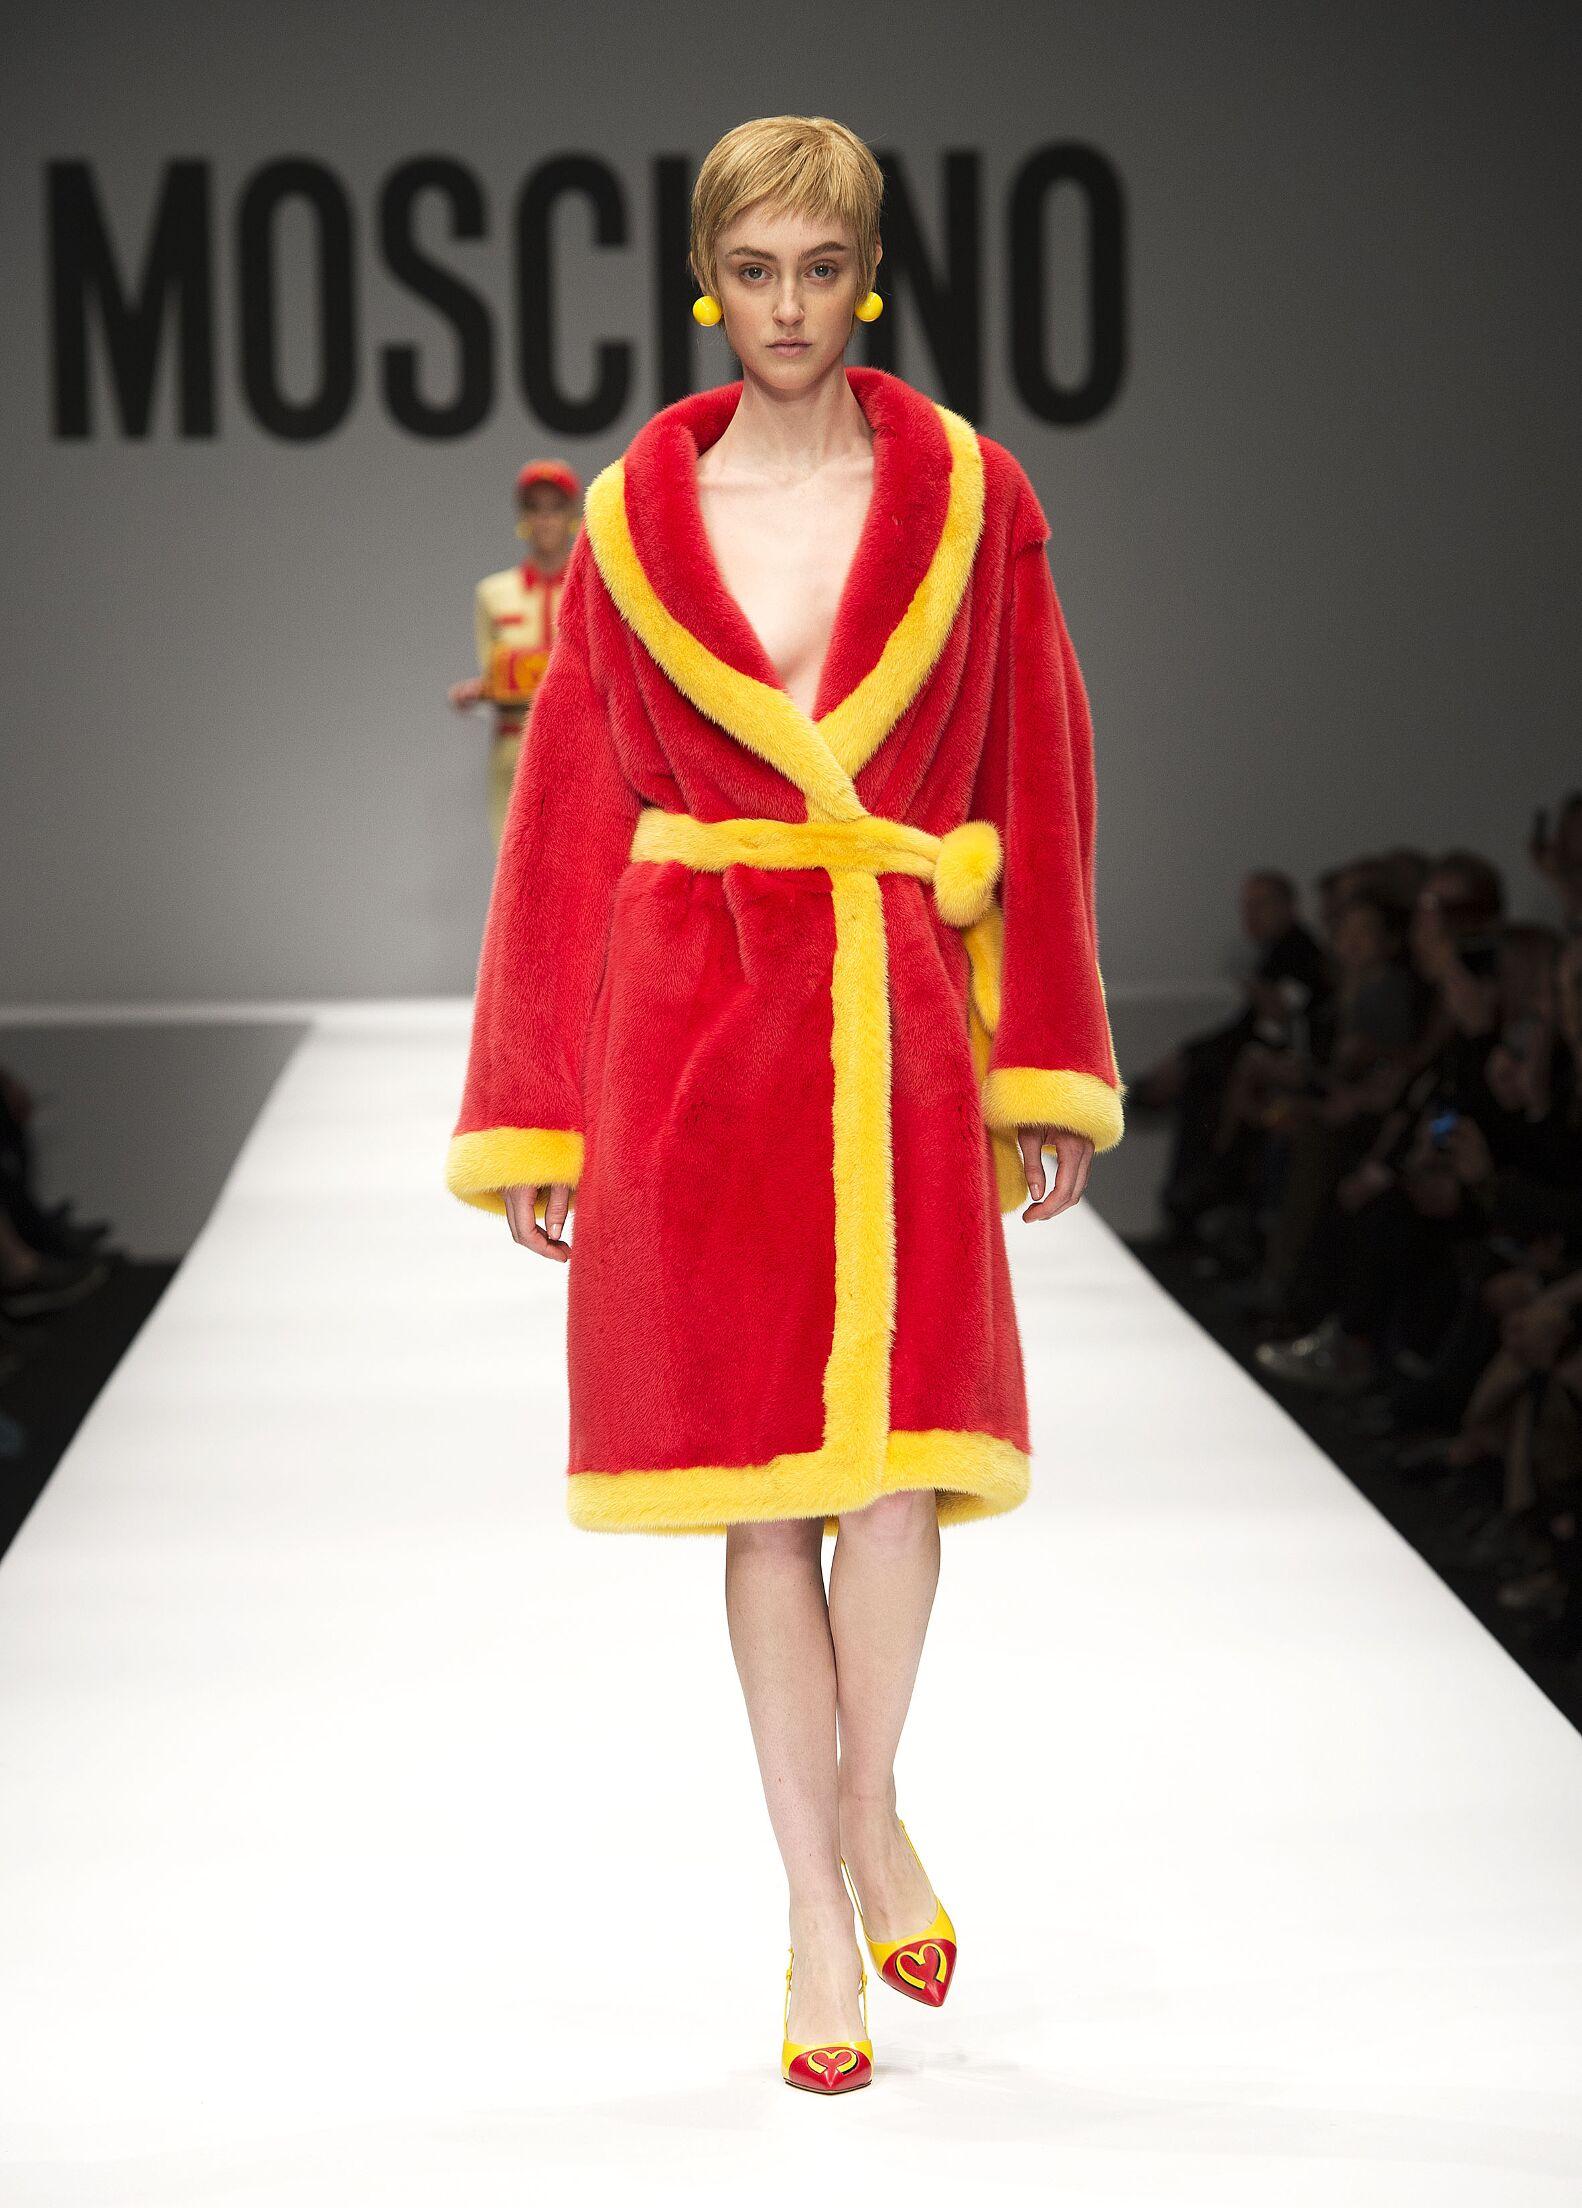 Moschino Woman 2014 by Jeremy Scott